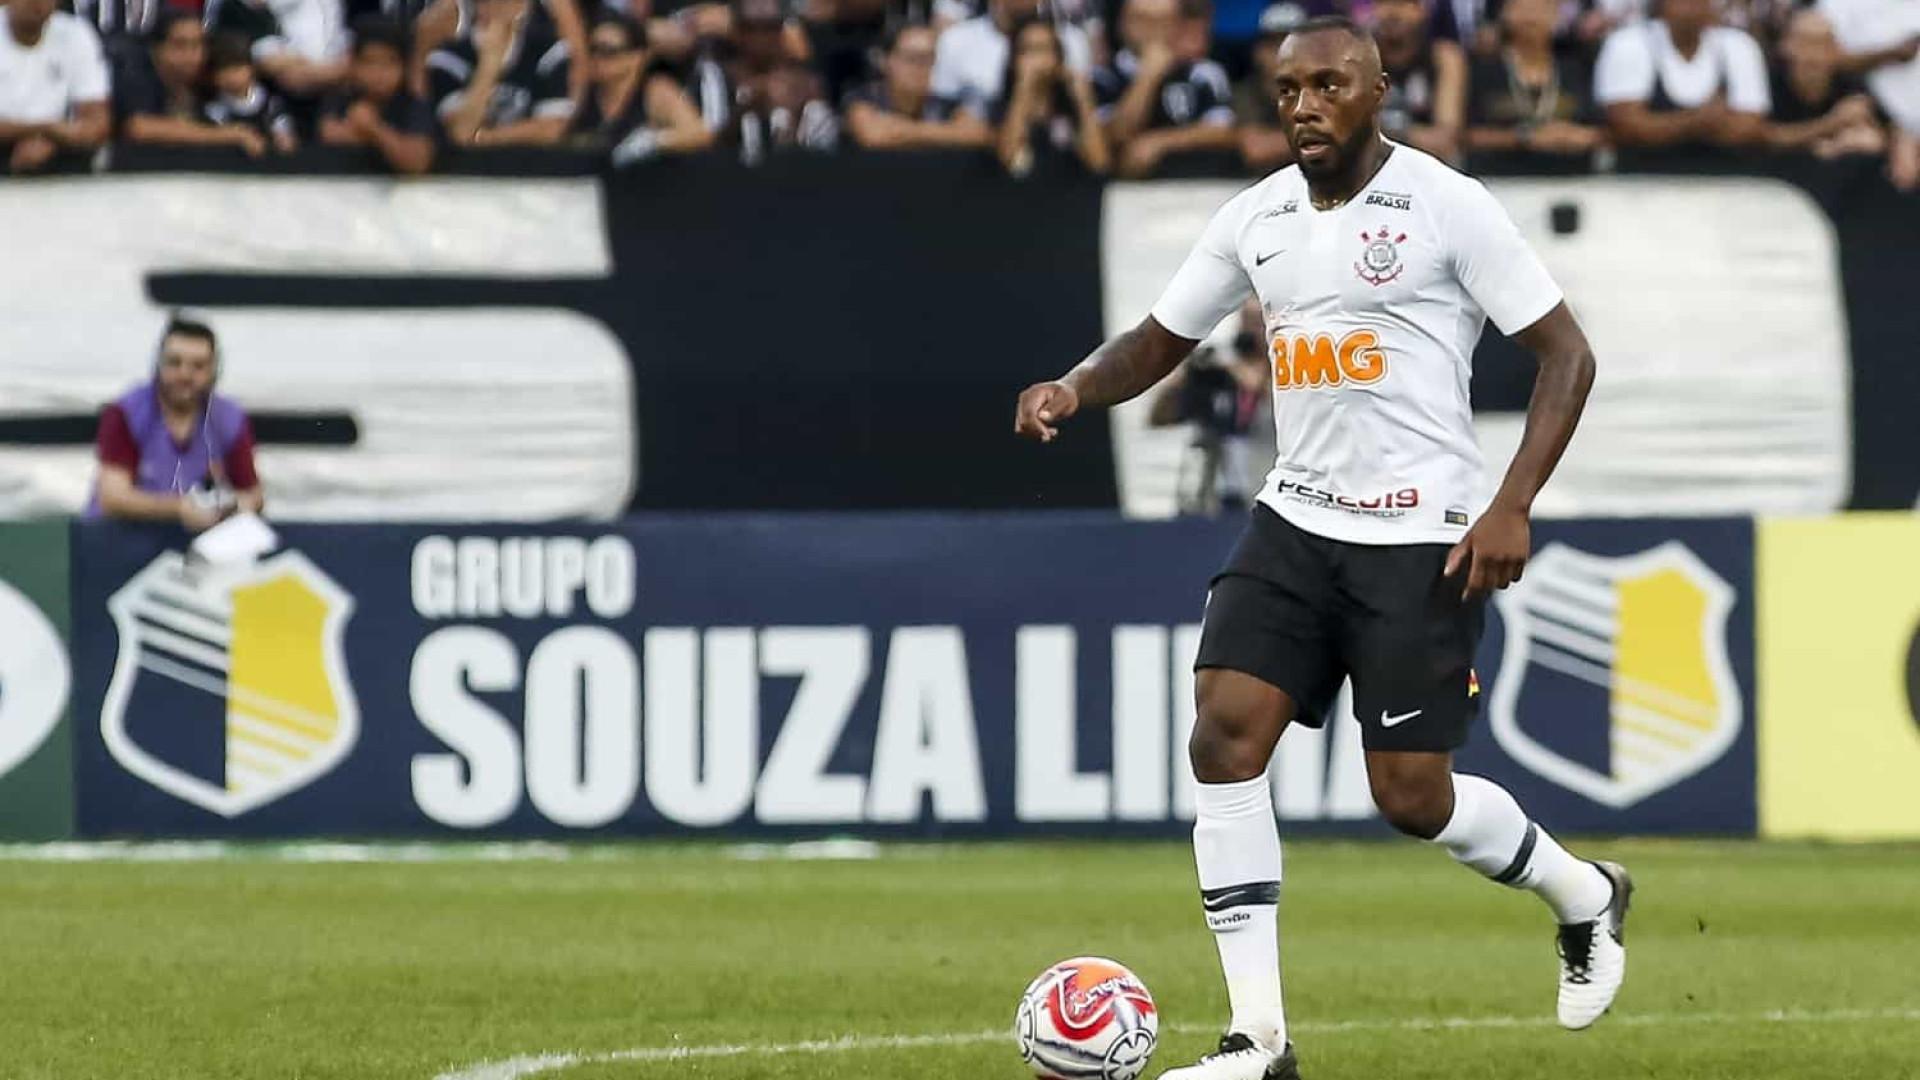 Manoel diz que Corinthians precisa se ajudar mais para se recuperar